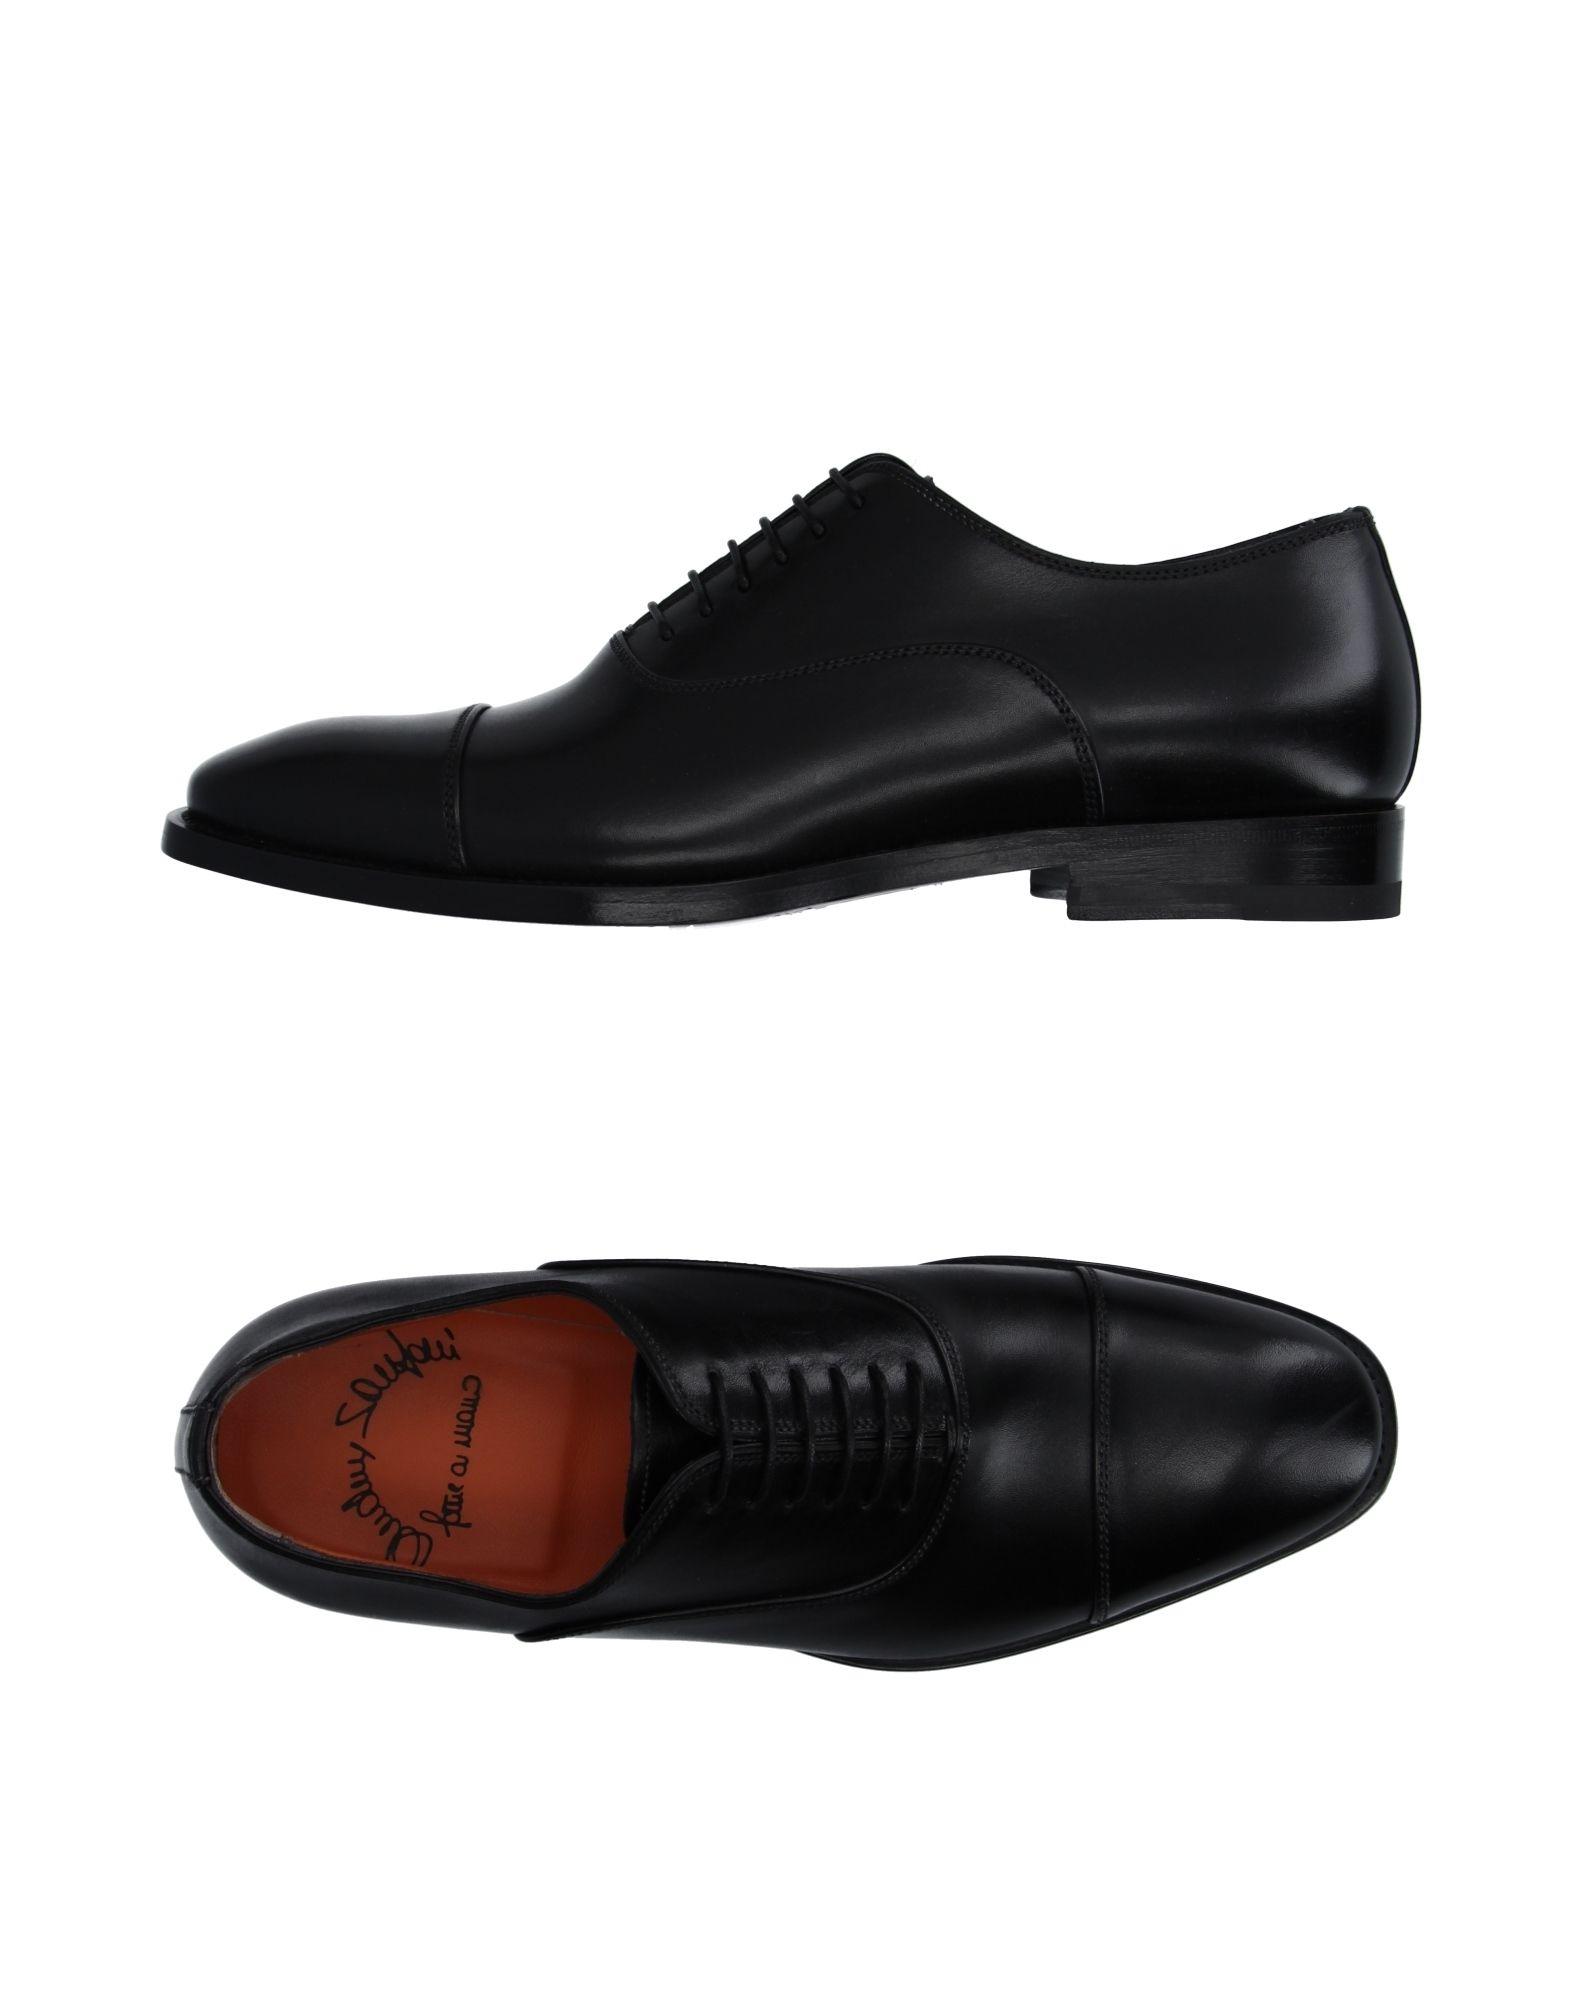 Santoni Schnürschuhe Herren  11100749LB Gute Qualität beliebte Schuhe